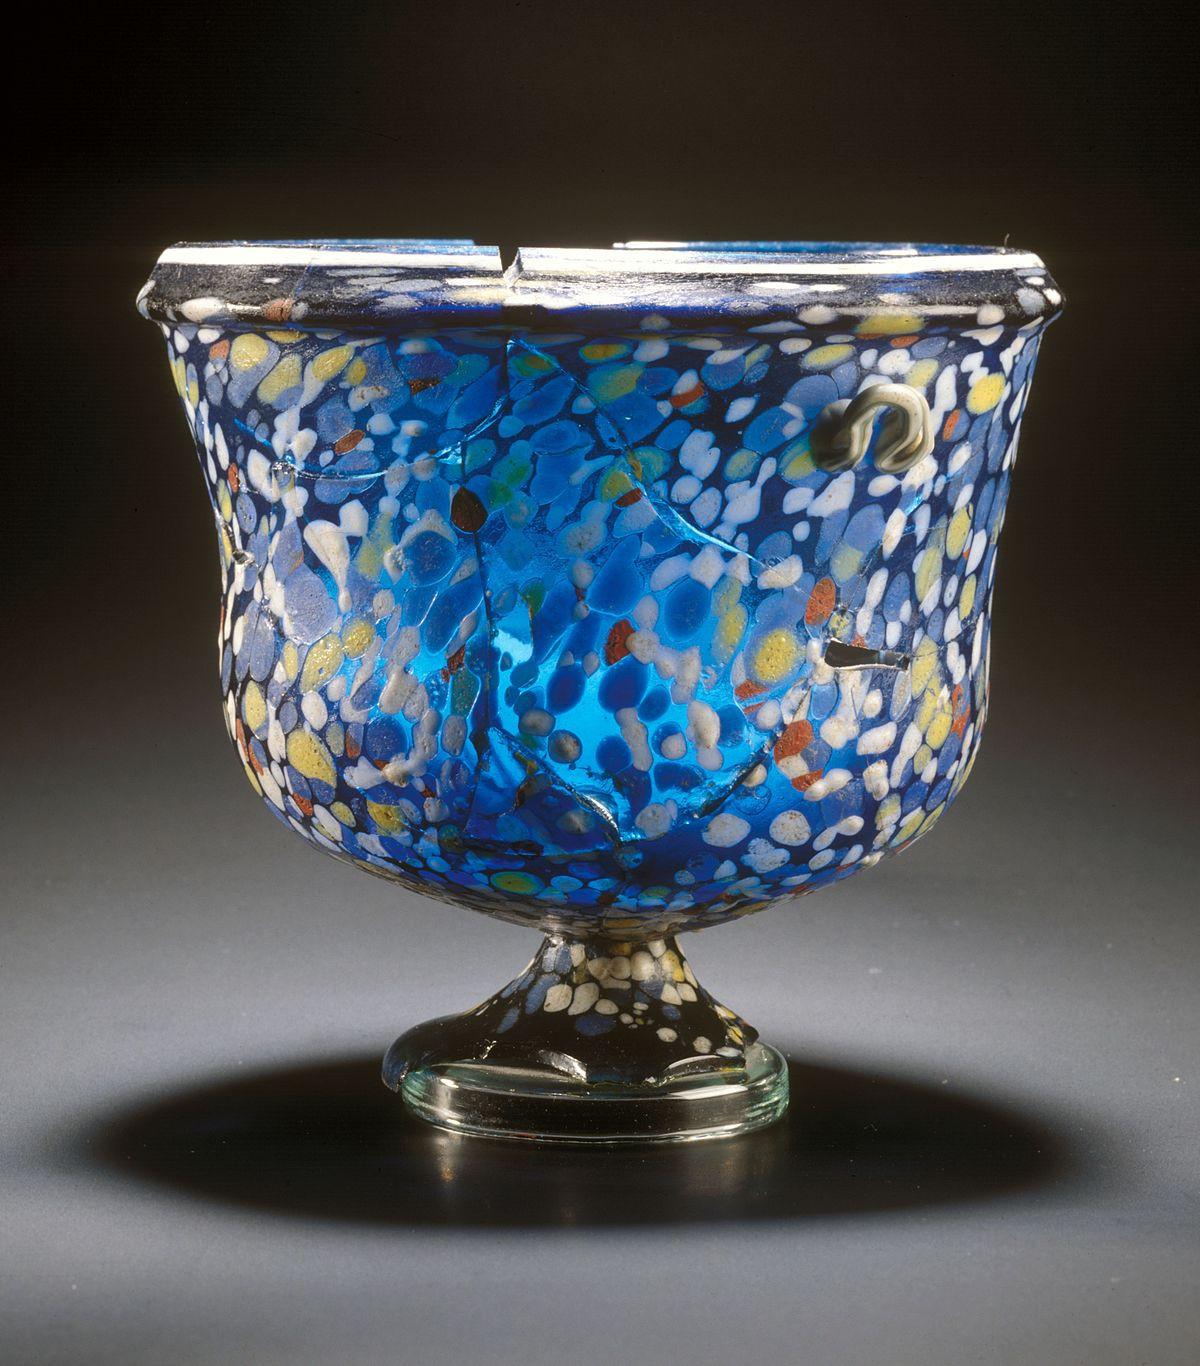 glass globe vase of 13 new blue tall glass vase bogekompresorturkiye com in blue tall glass vase unique glass art of blue tall glass vase